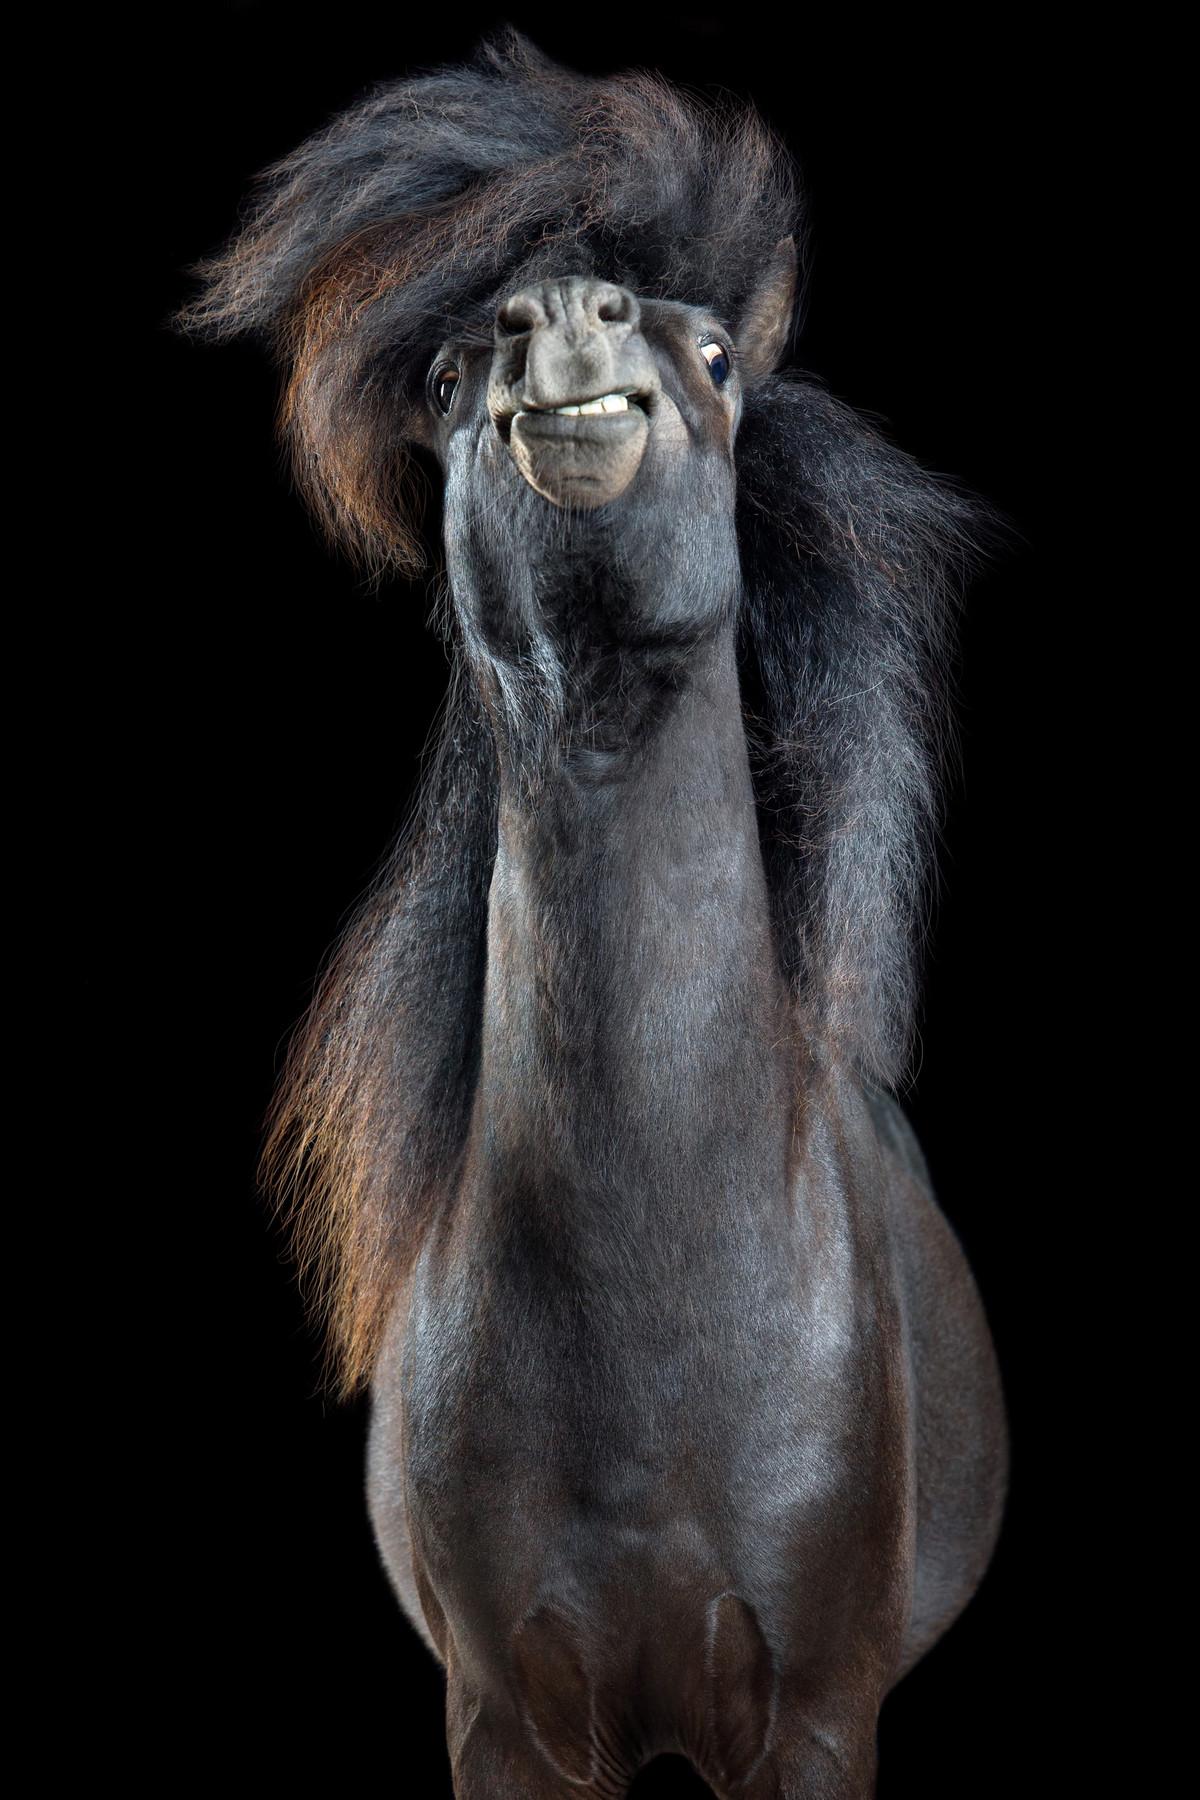 Притягательные гривы в фотографиях Вибке Хаас. Лошади, взмахивающие волосами 1